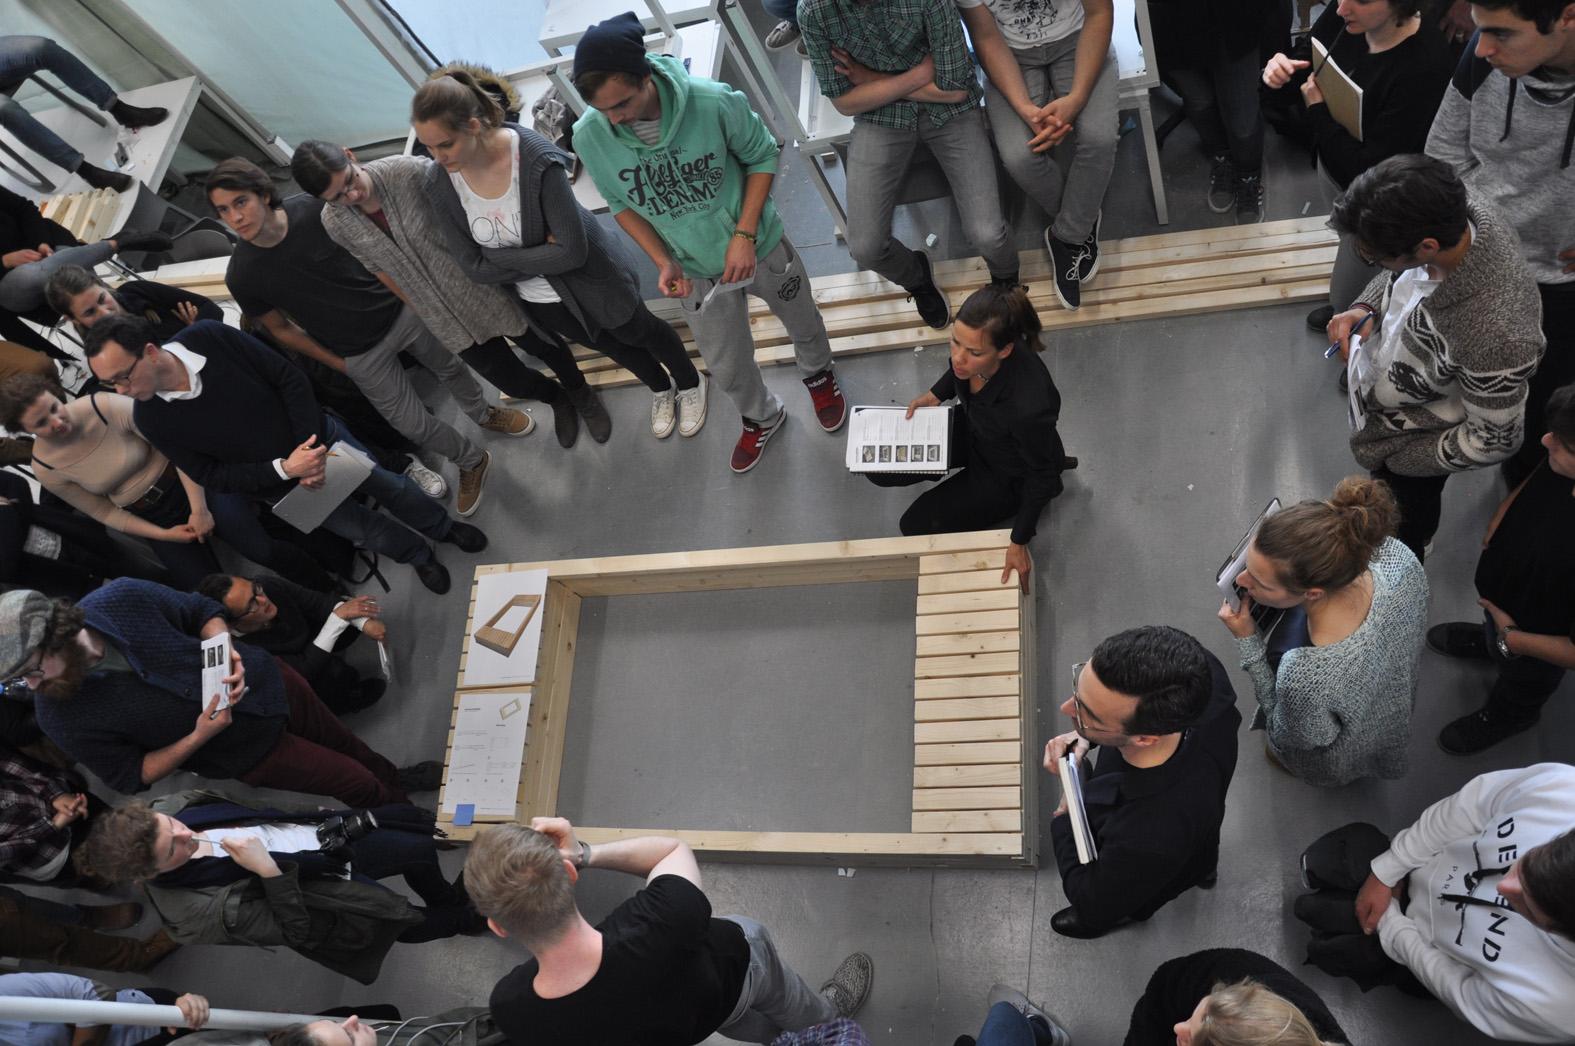 Es wurden Preise in den folgenden Kategorien vergeben: 1. Sandkasten mit Sitzmöglichkeit, 2. Hochbeet mit Ablage-/Sitzfläche, 3. Sitzmöbel mit frei zu wählender, zusätzlicher Funktion, Foto: Matthias Kestel